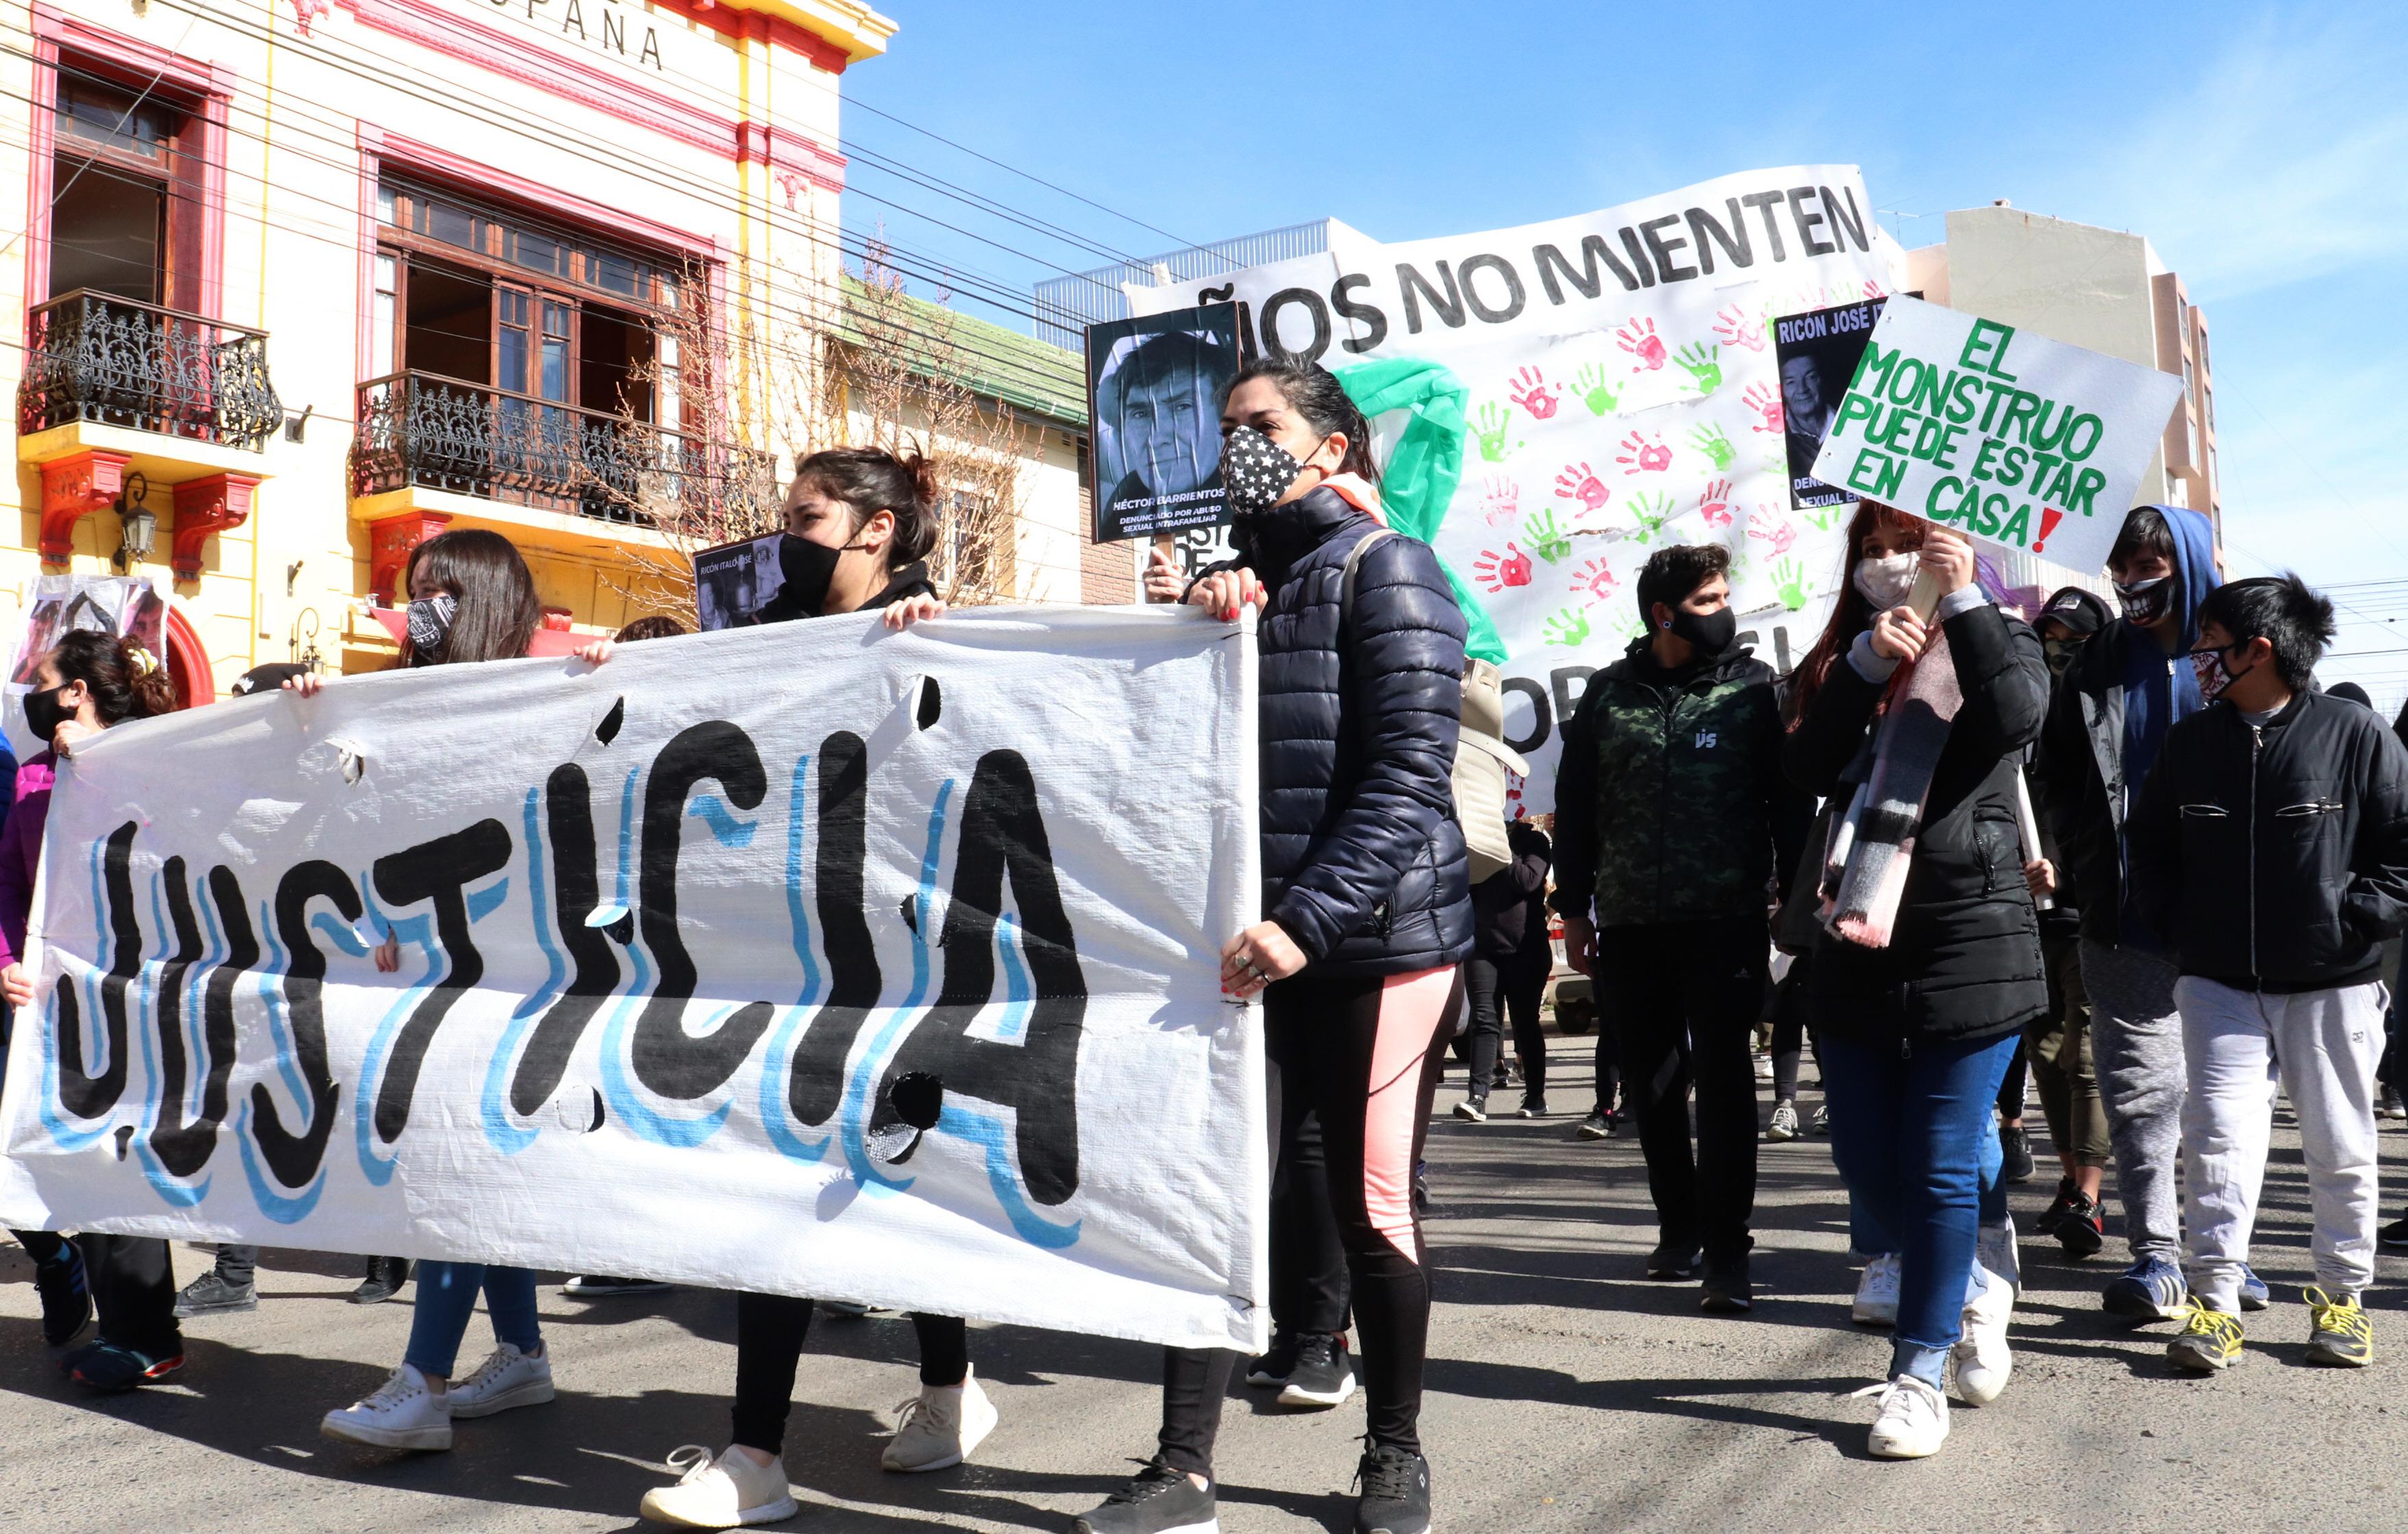 'Justicia', el reclamo unificado de varias familias en pleno centro. (FOTO: JOSÉ SILVA/ LA OPINIÓN AUSTRAL)